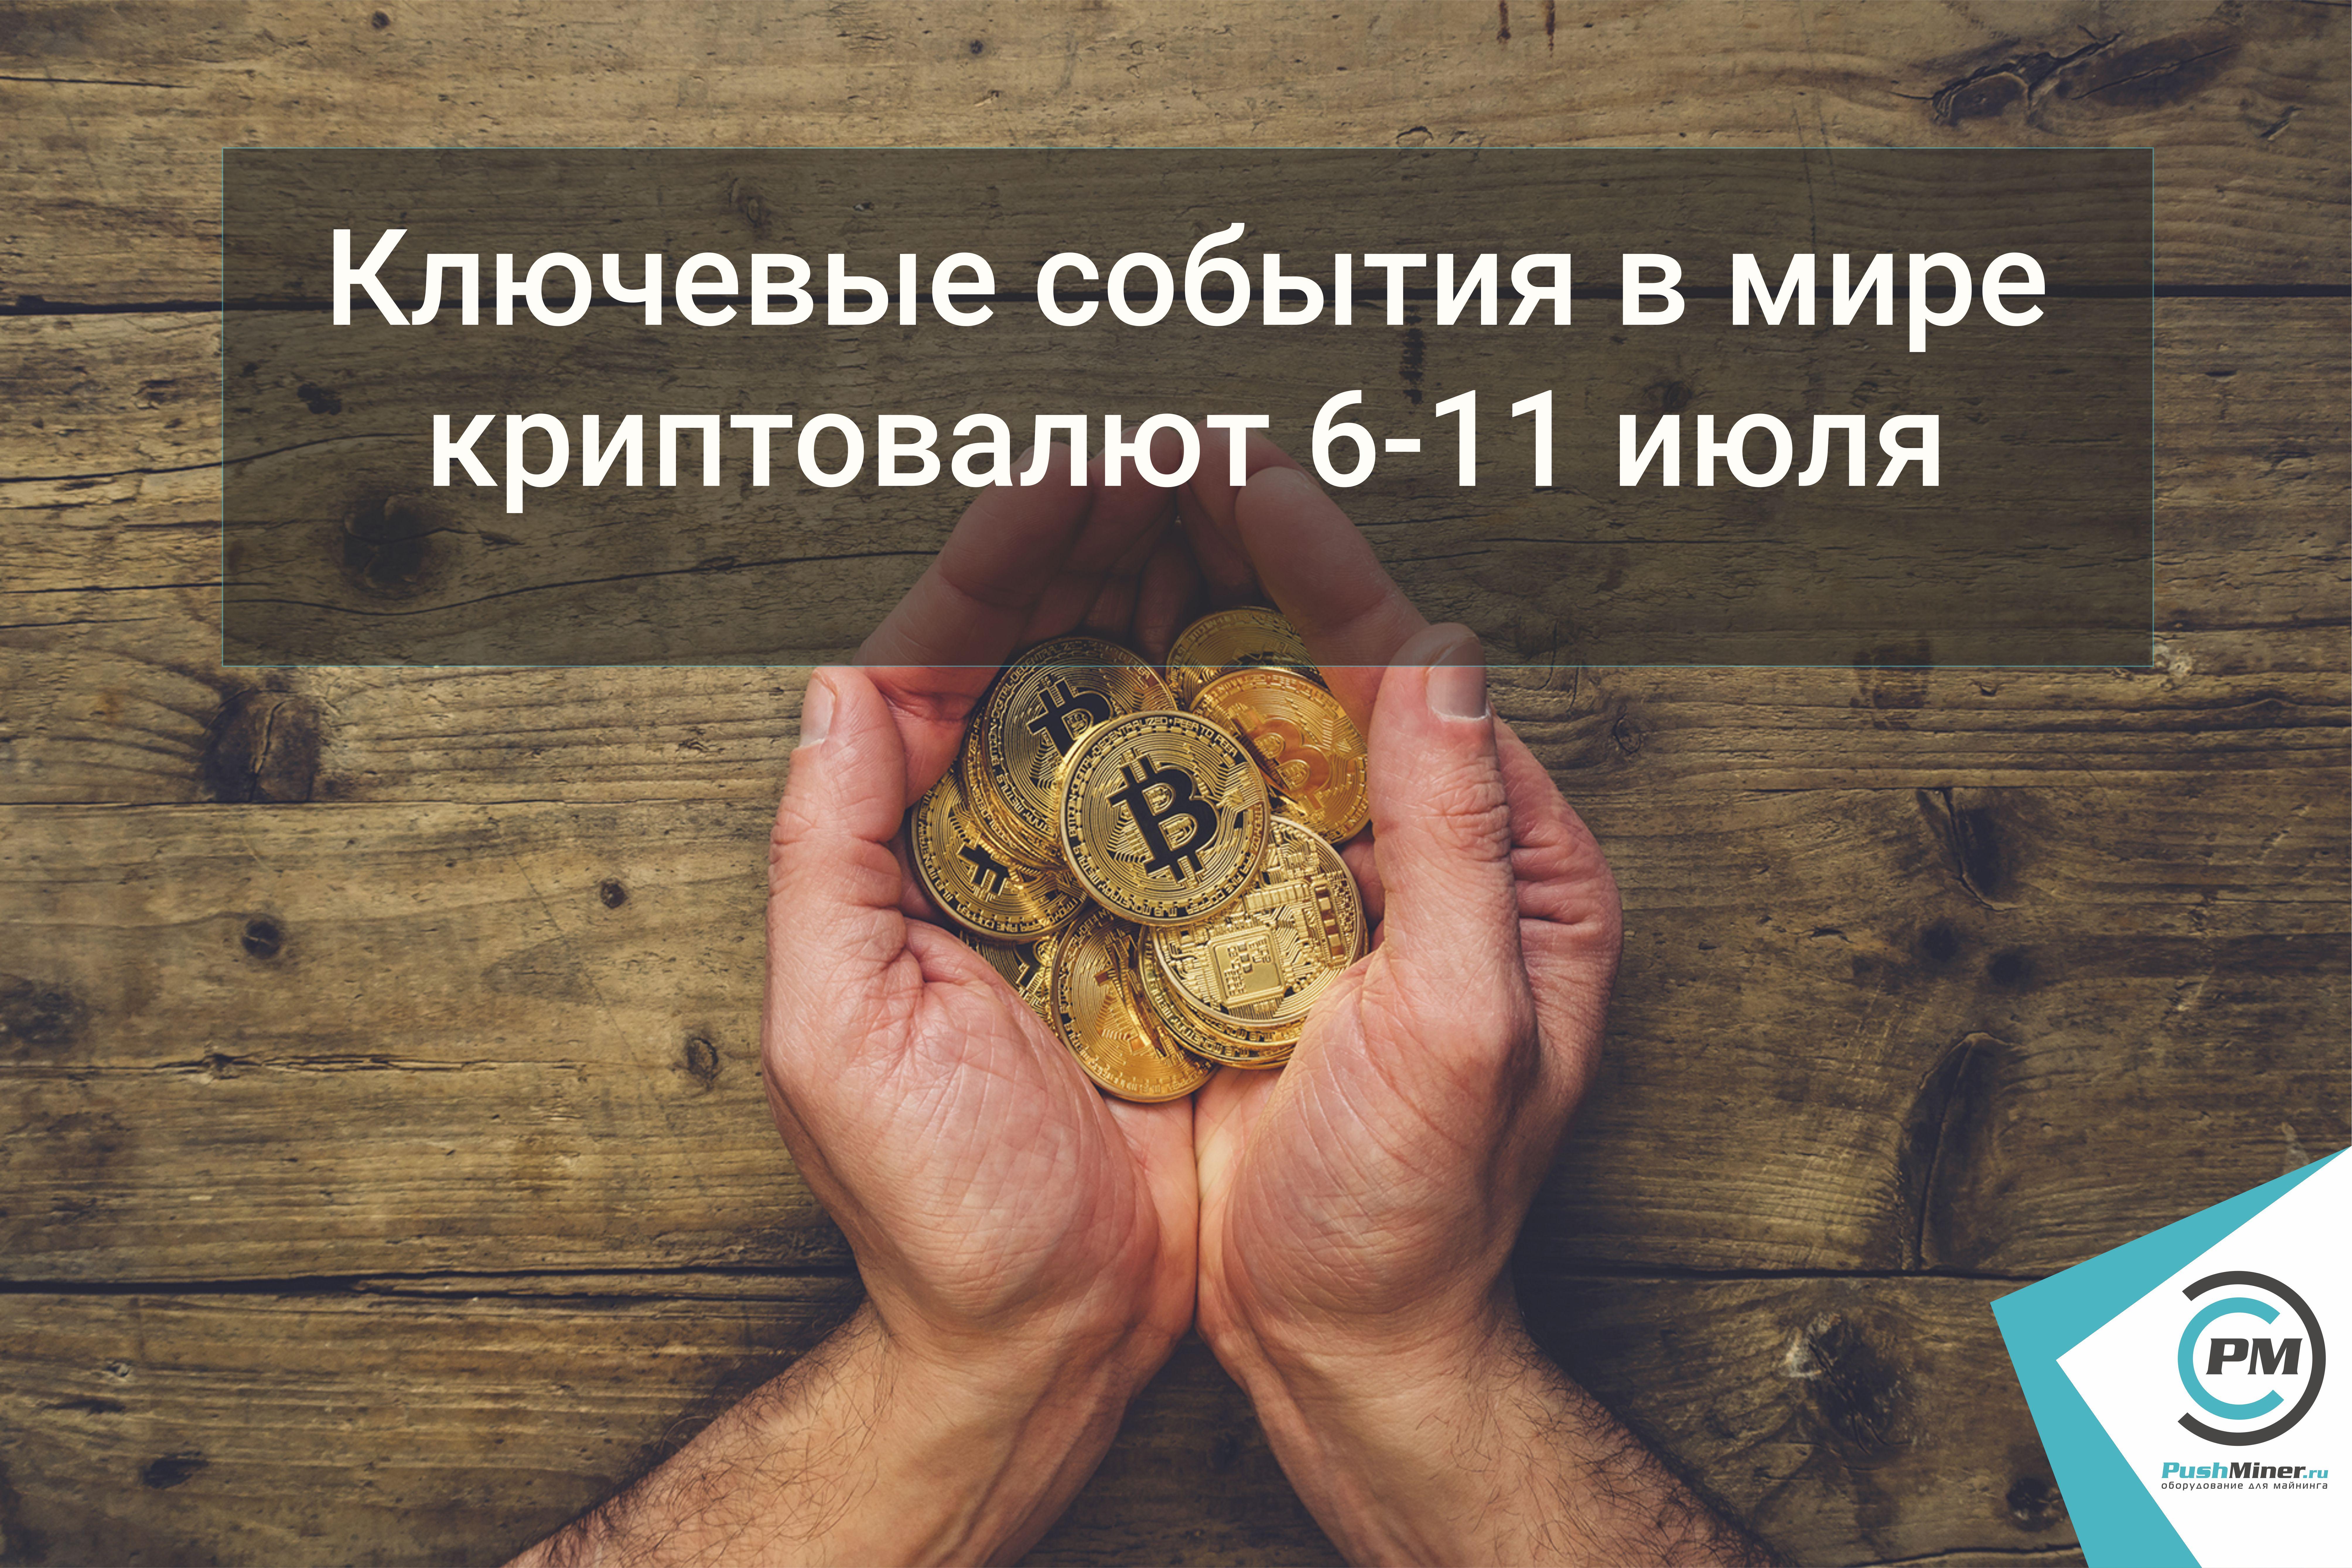 Ключевые события в мире криптовалют 6-11 июля